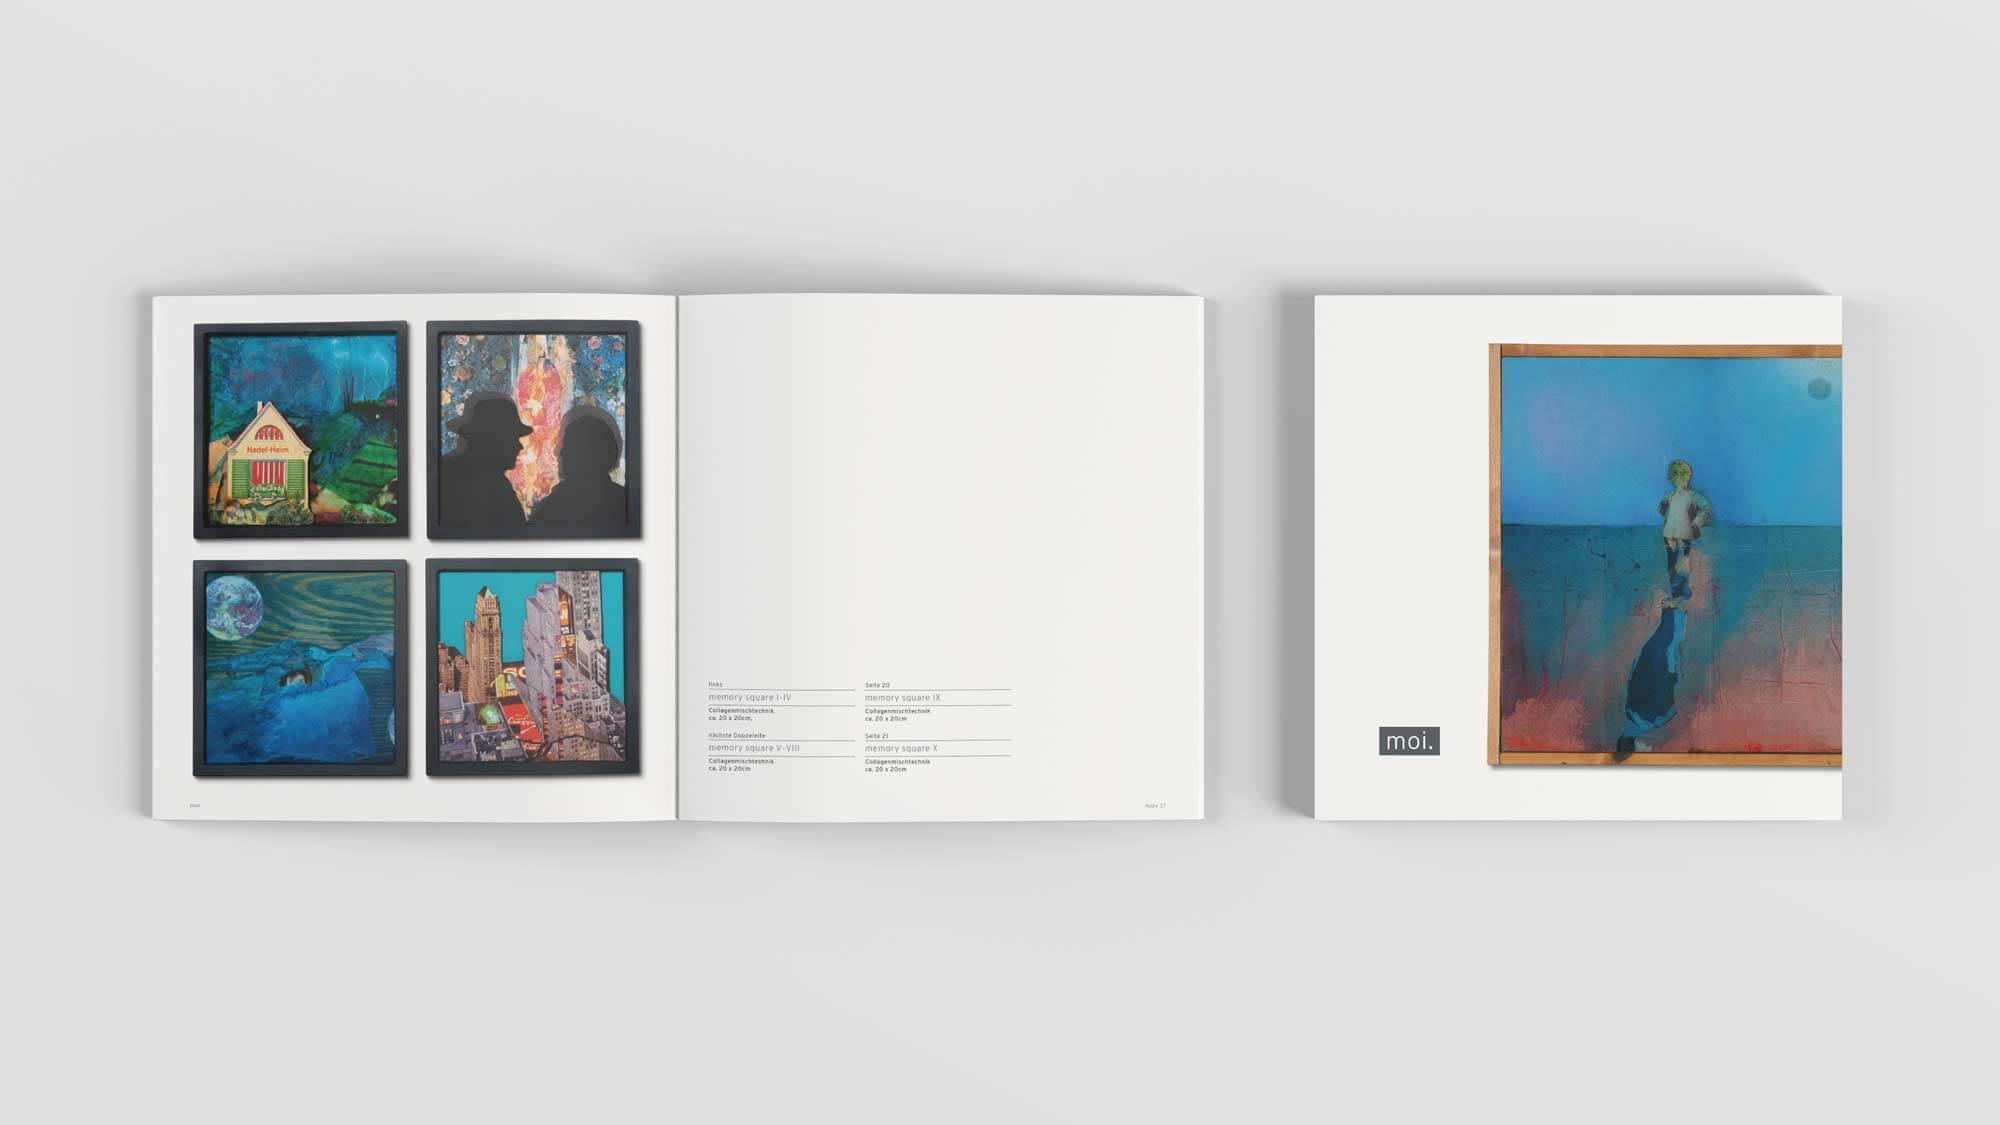 moi. - 56seitiges Bildbändchen/Katalögchen zur Ausstellung